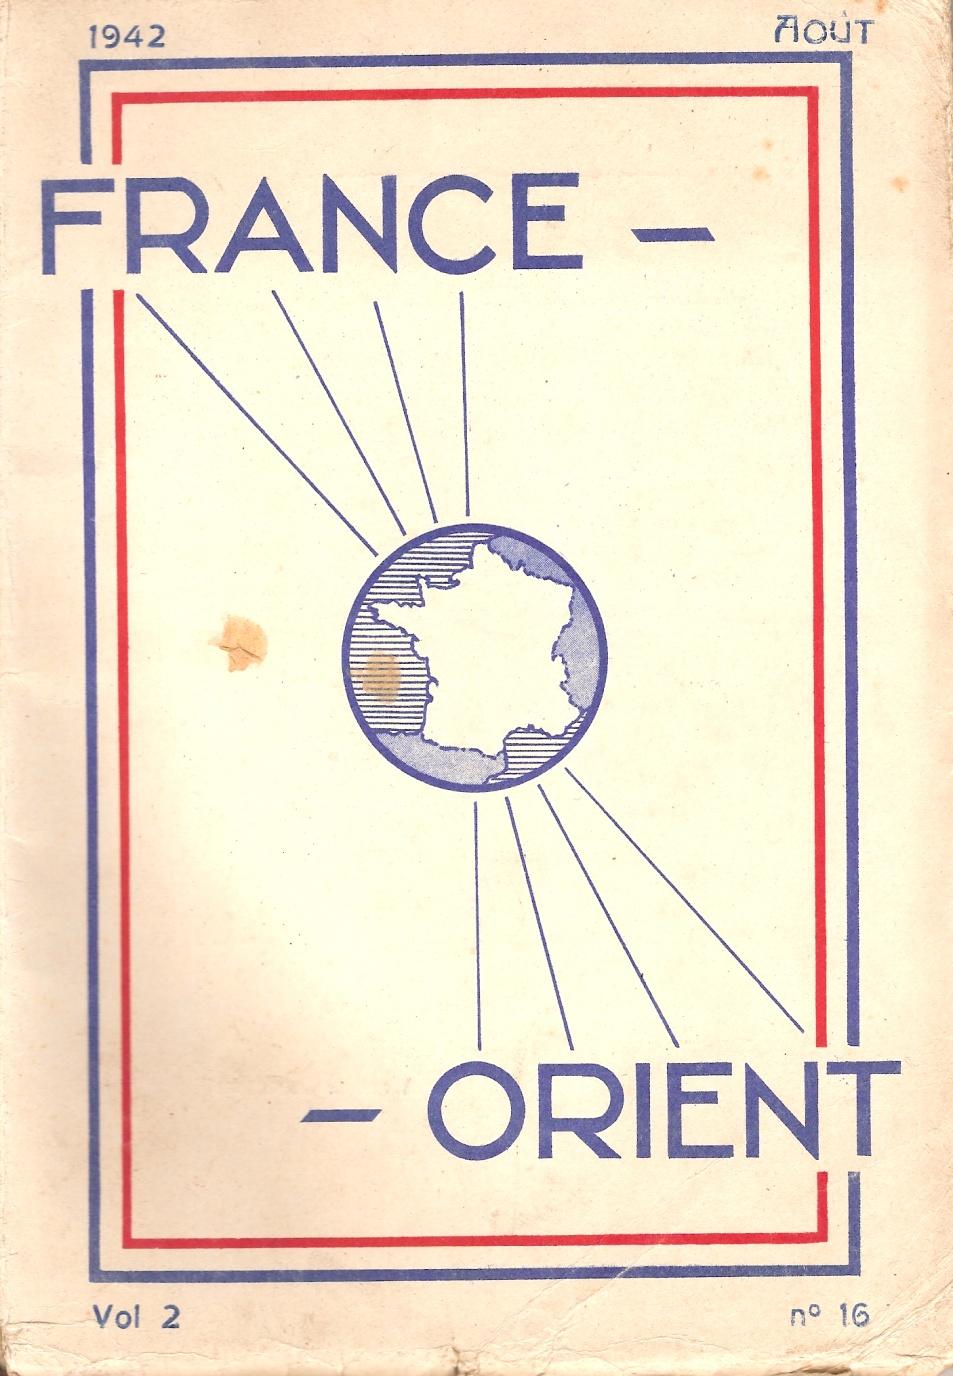 La presse française libre